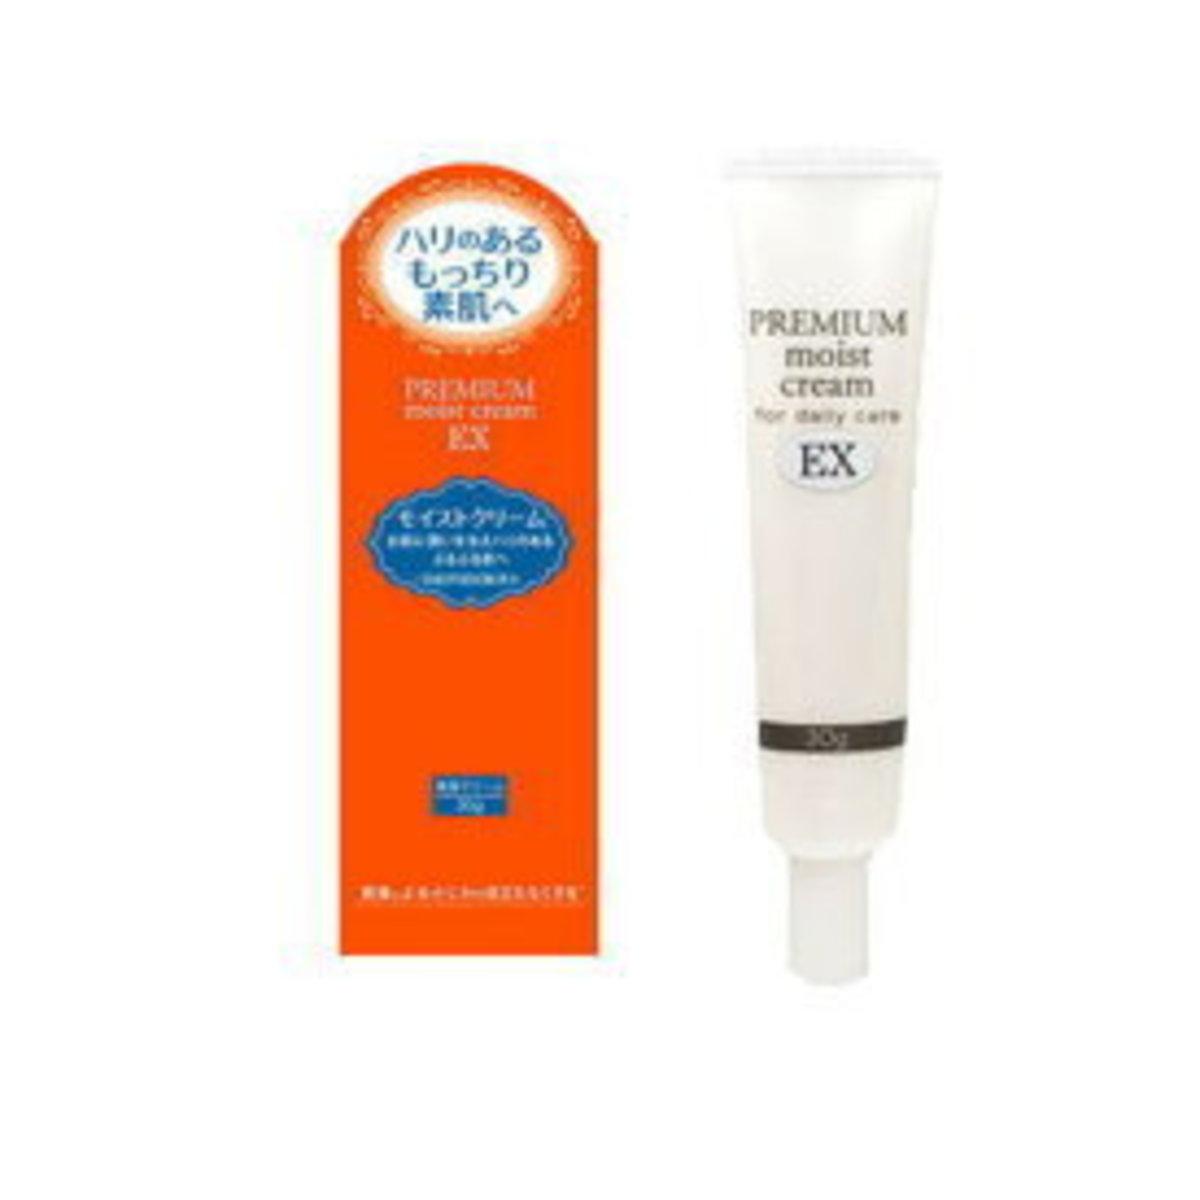 Japan SWAN INC. premium moist cream EX